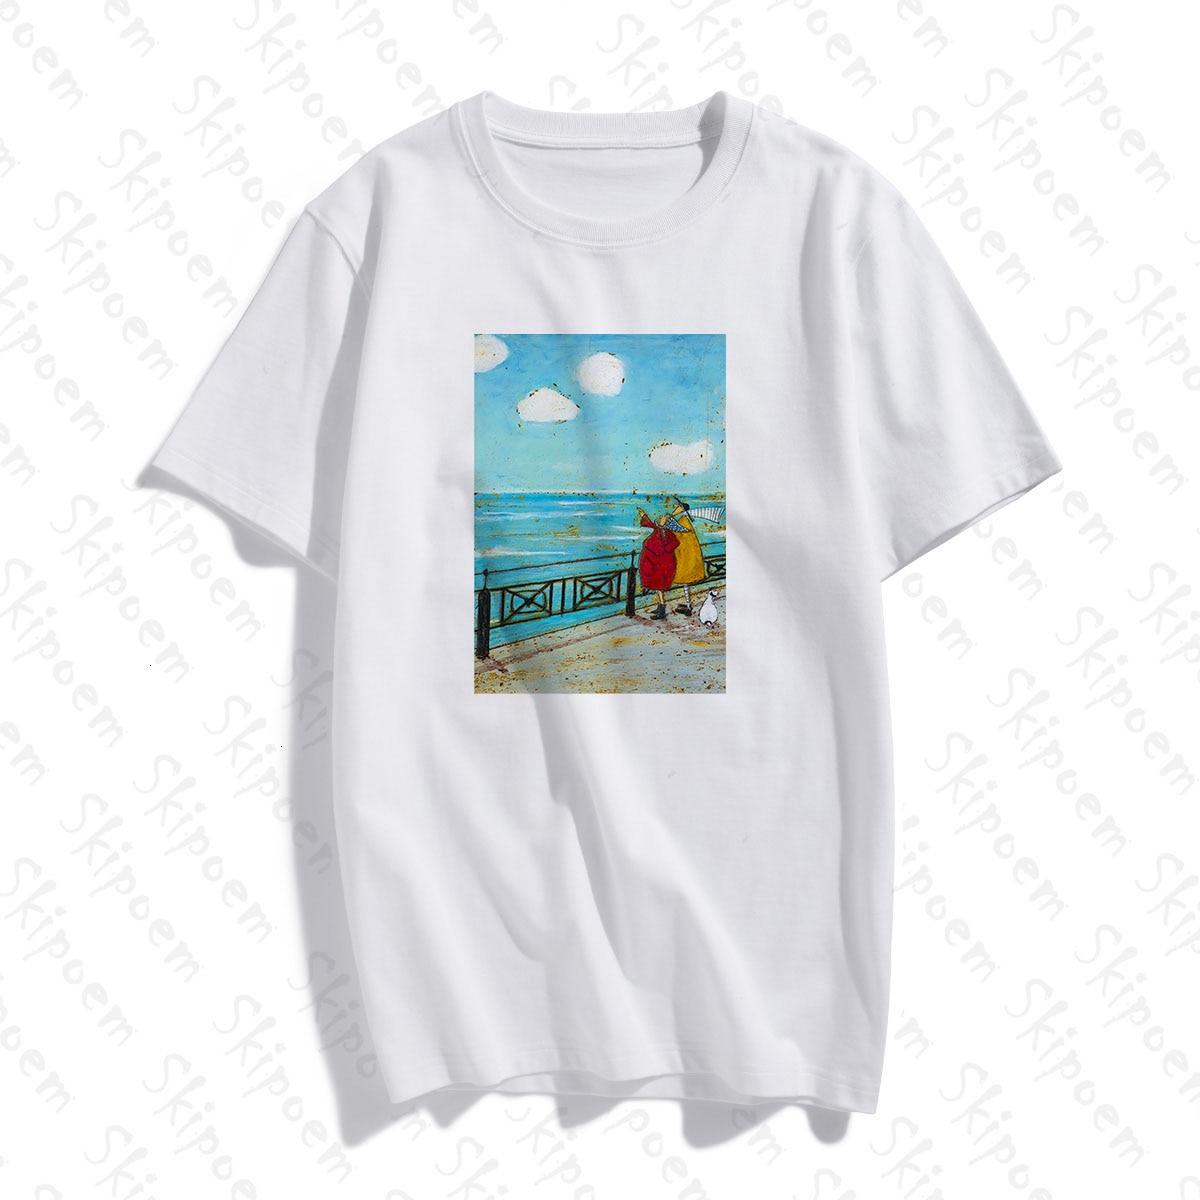 Сэм Toft постарше велосипед Американский абстрактный портрет для женщин футболка в винтажном стиле, в готическом стиле, хлопковая футболка с коротким рукавом размера плюс топ футболки